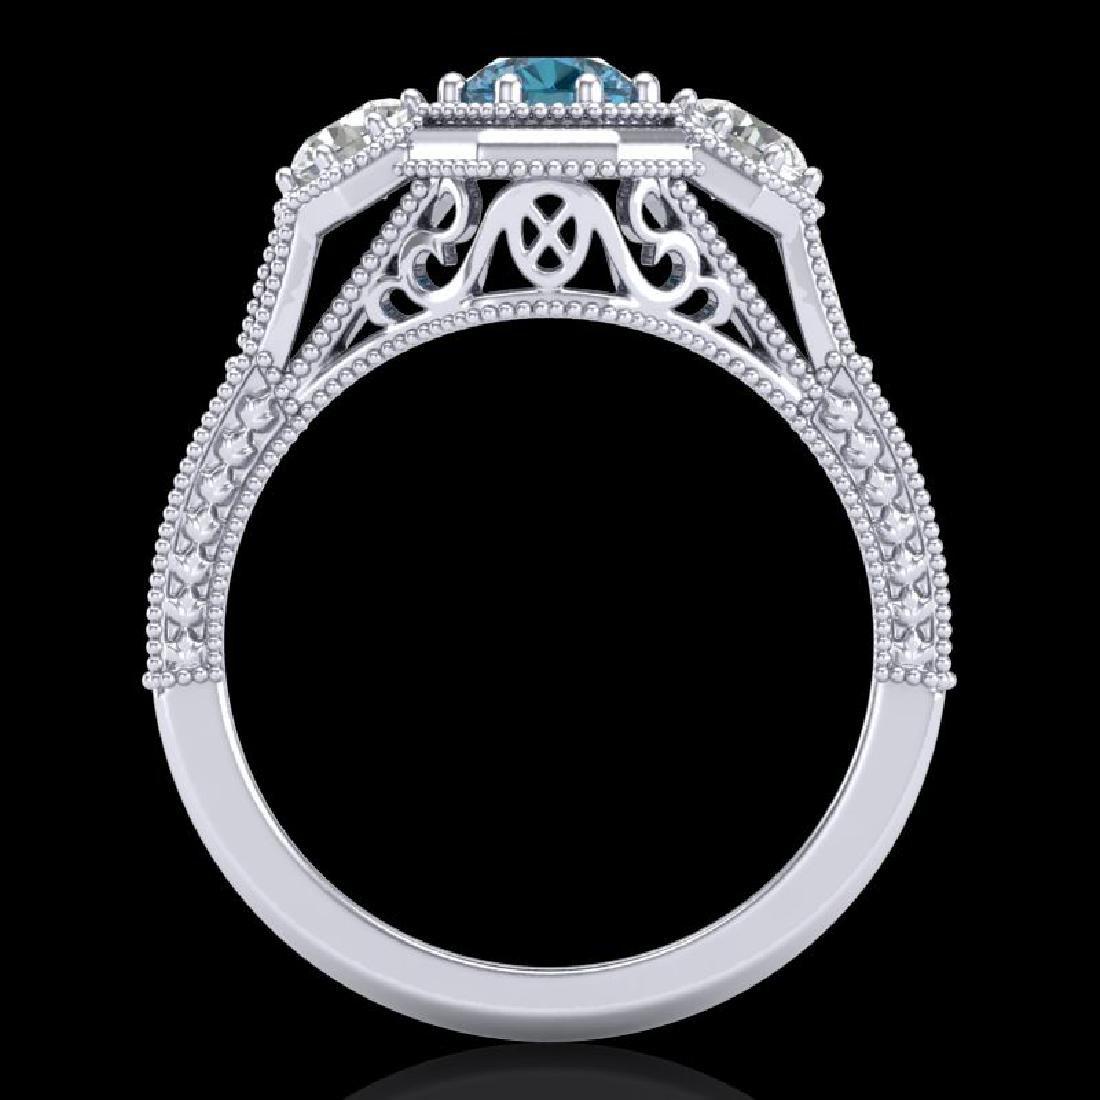 1.05 CTW Intense Blue Diamond Solitaire Art Deco 3 - 3